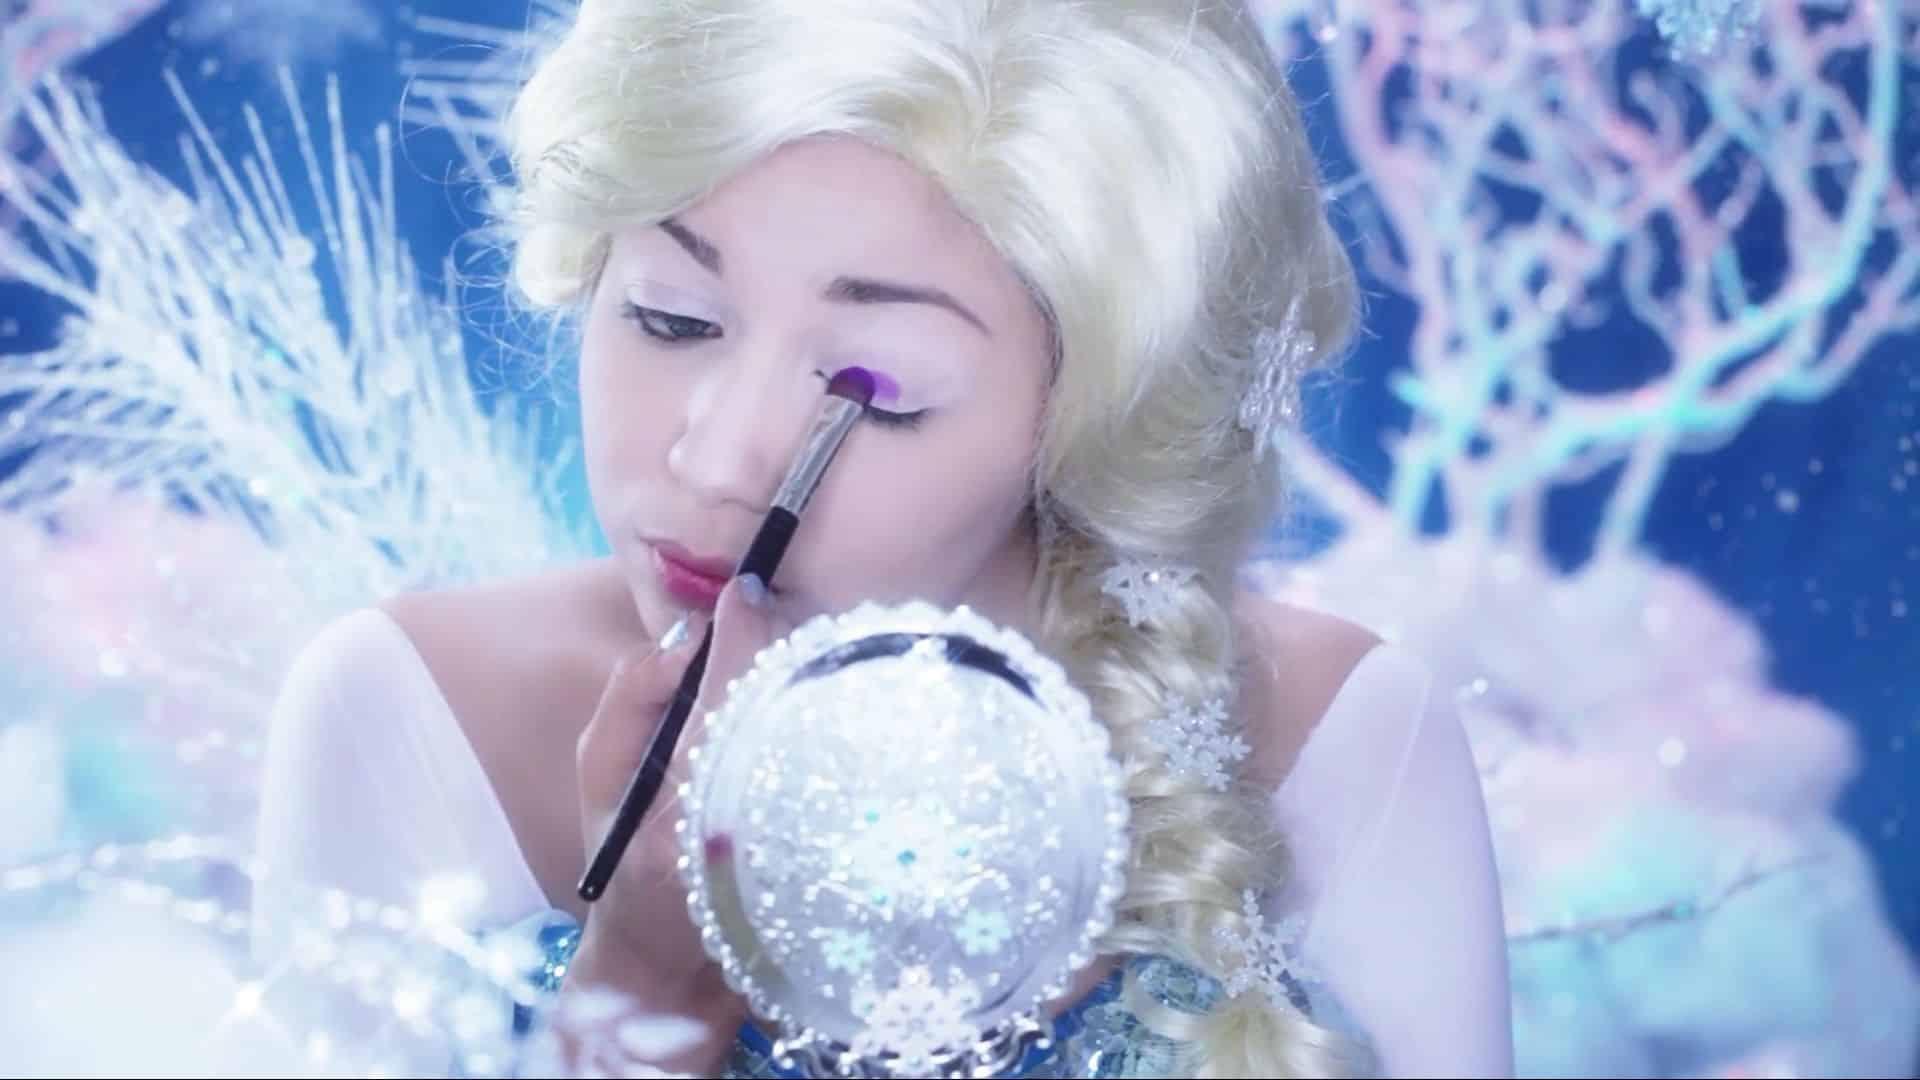 Maquíllate como la princesa Elsa Charisma Star 2020, sellado de corrector con sombra violeta